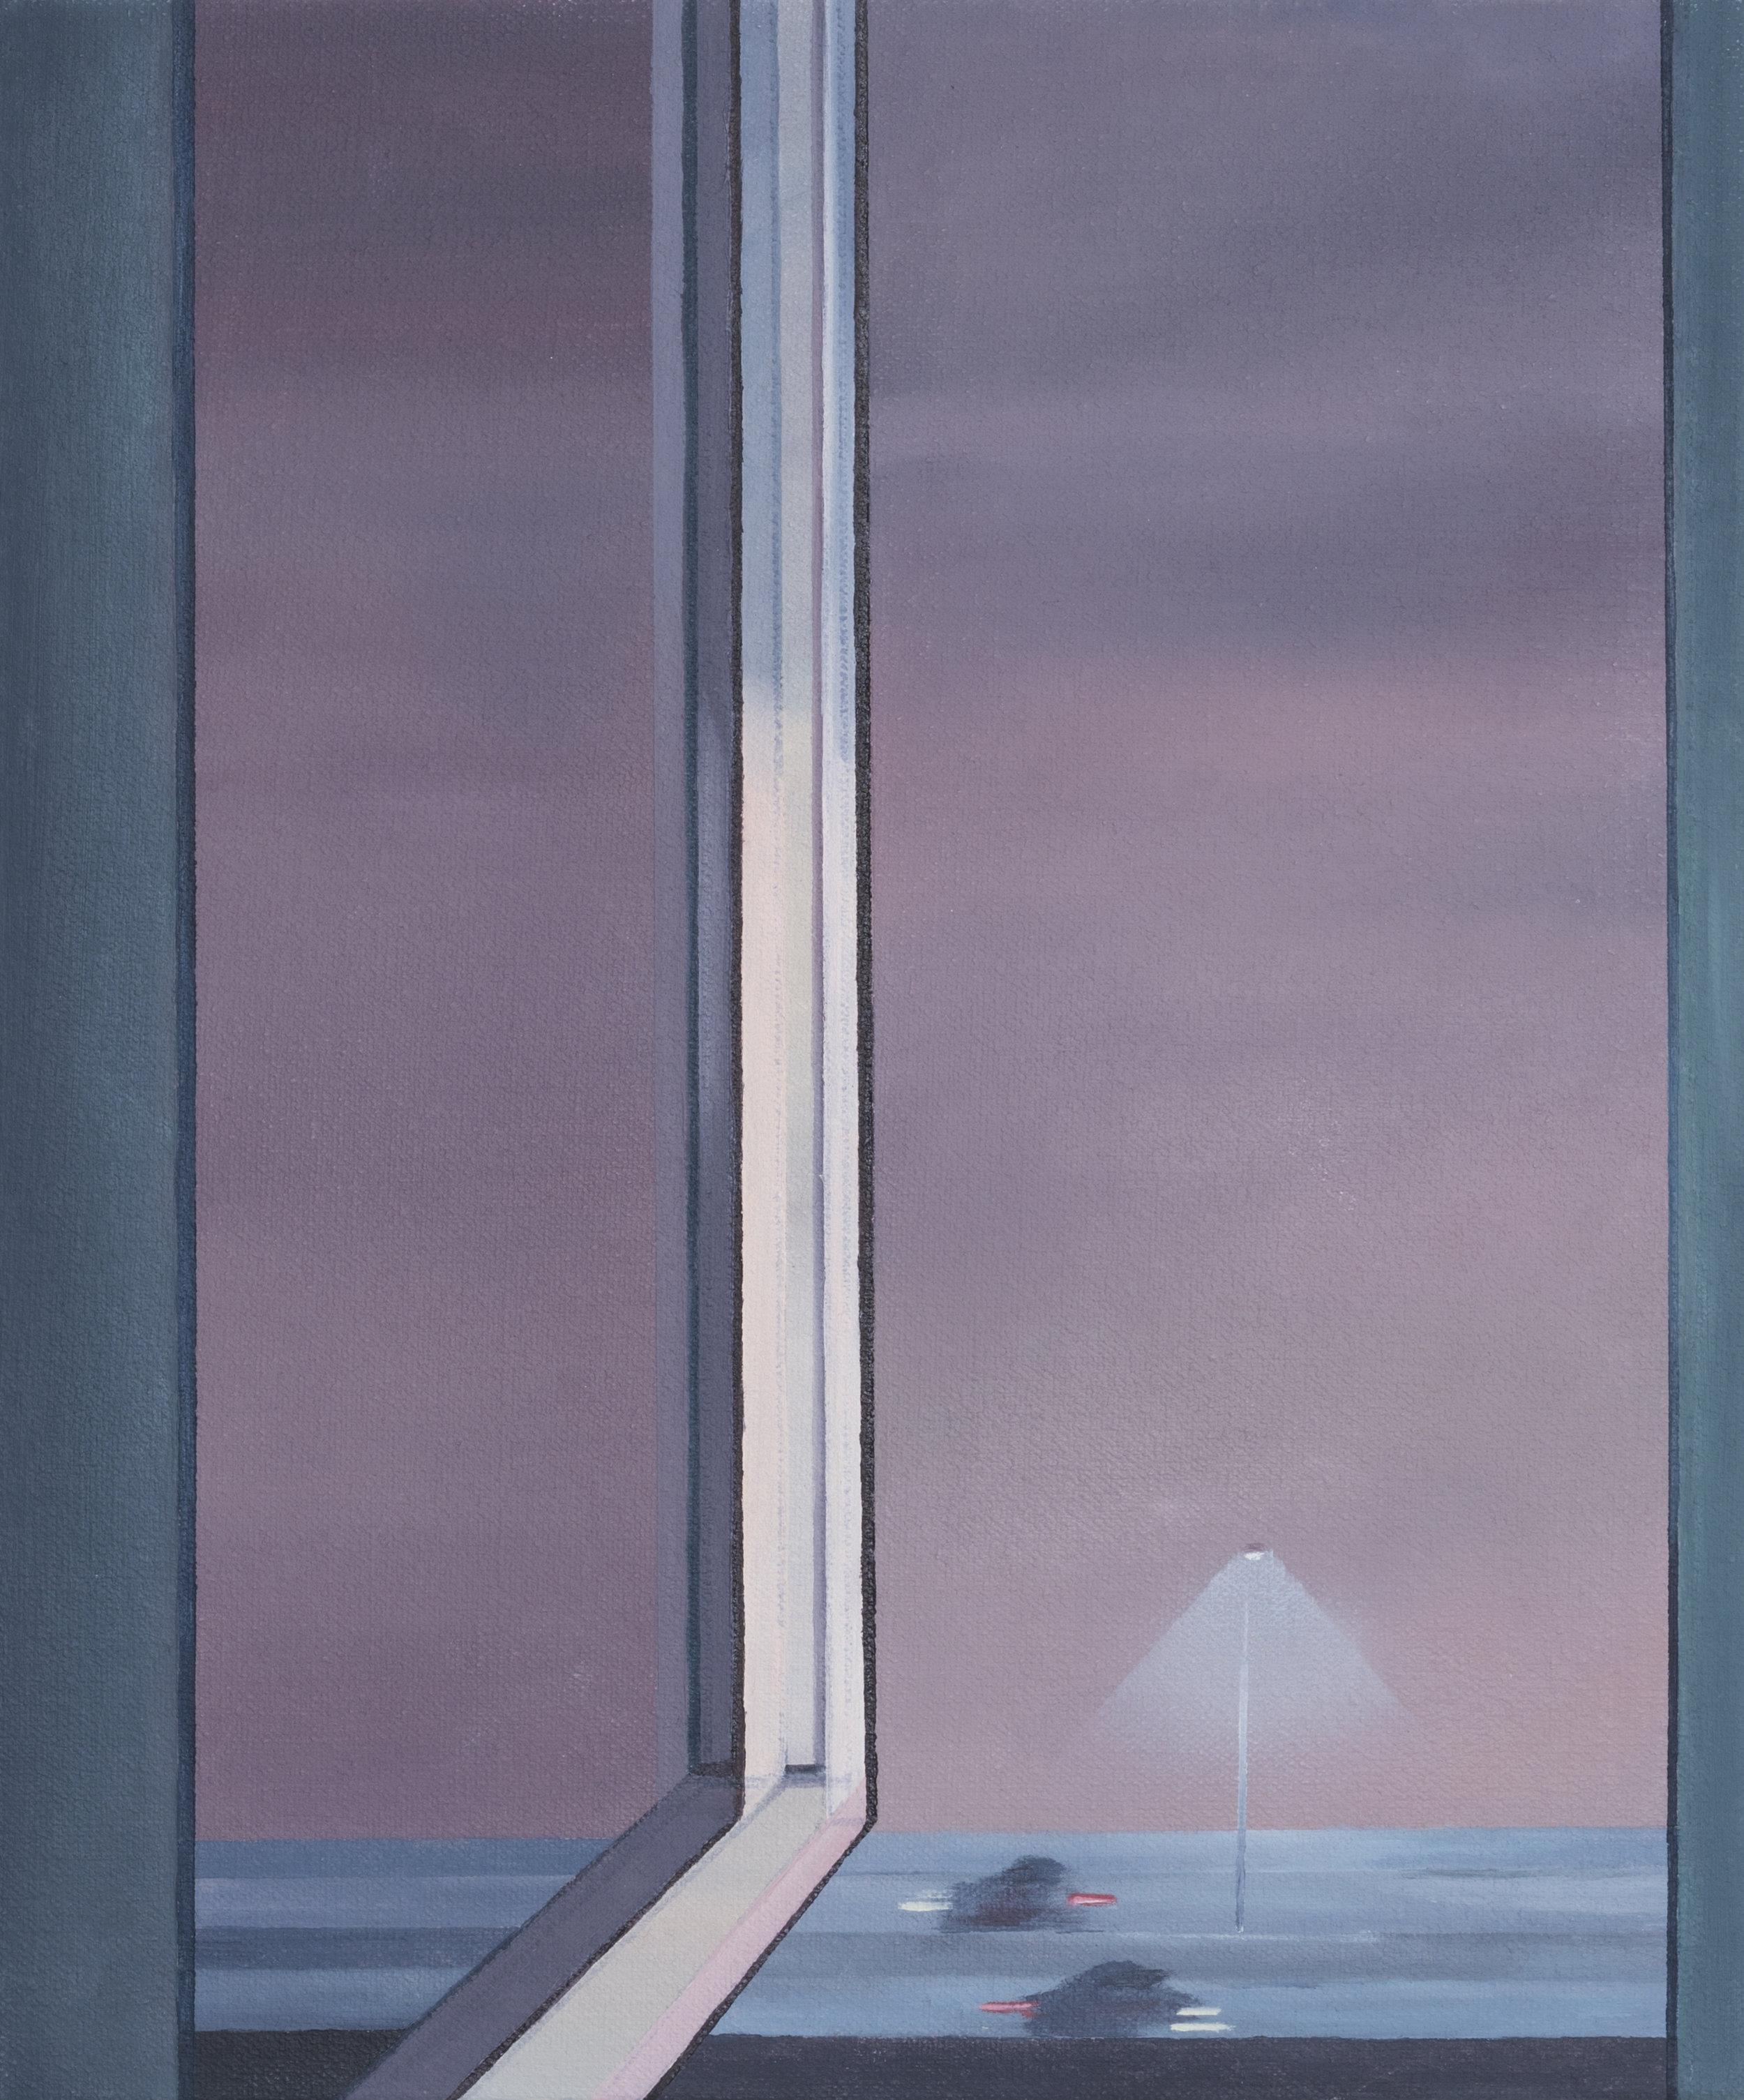 """Fog, 2018. Oil on canvas 12"""" x 10"""""""